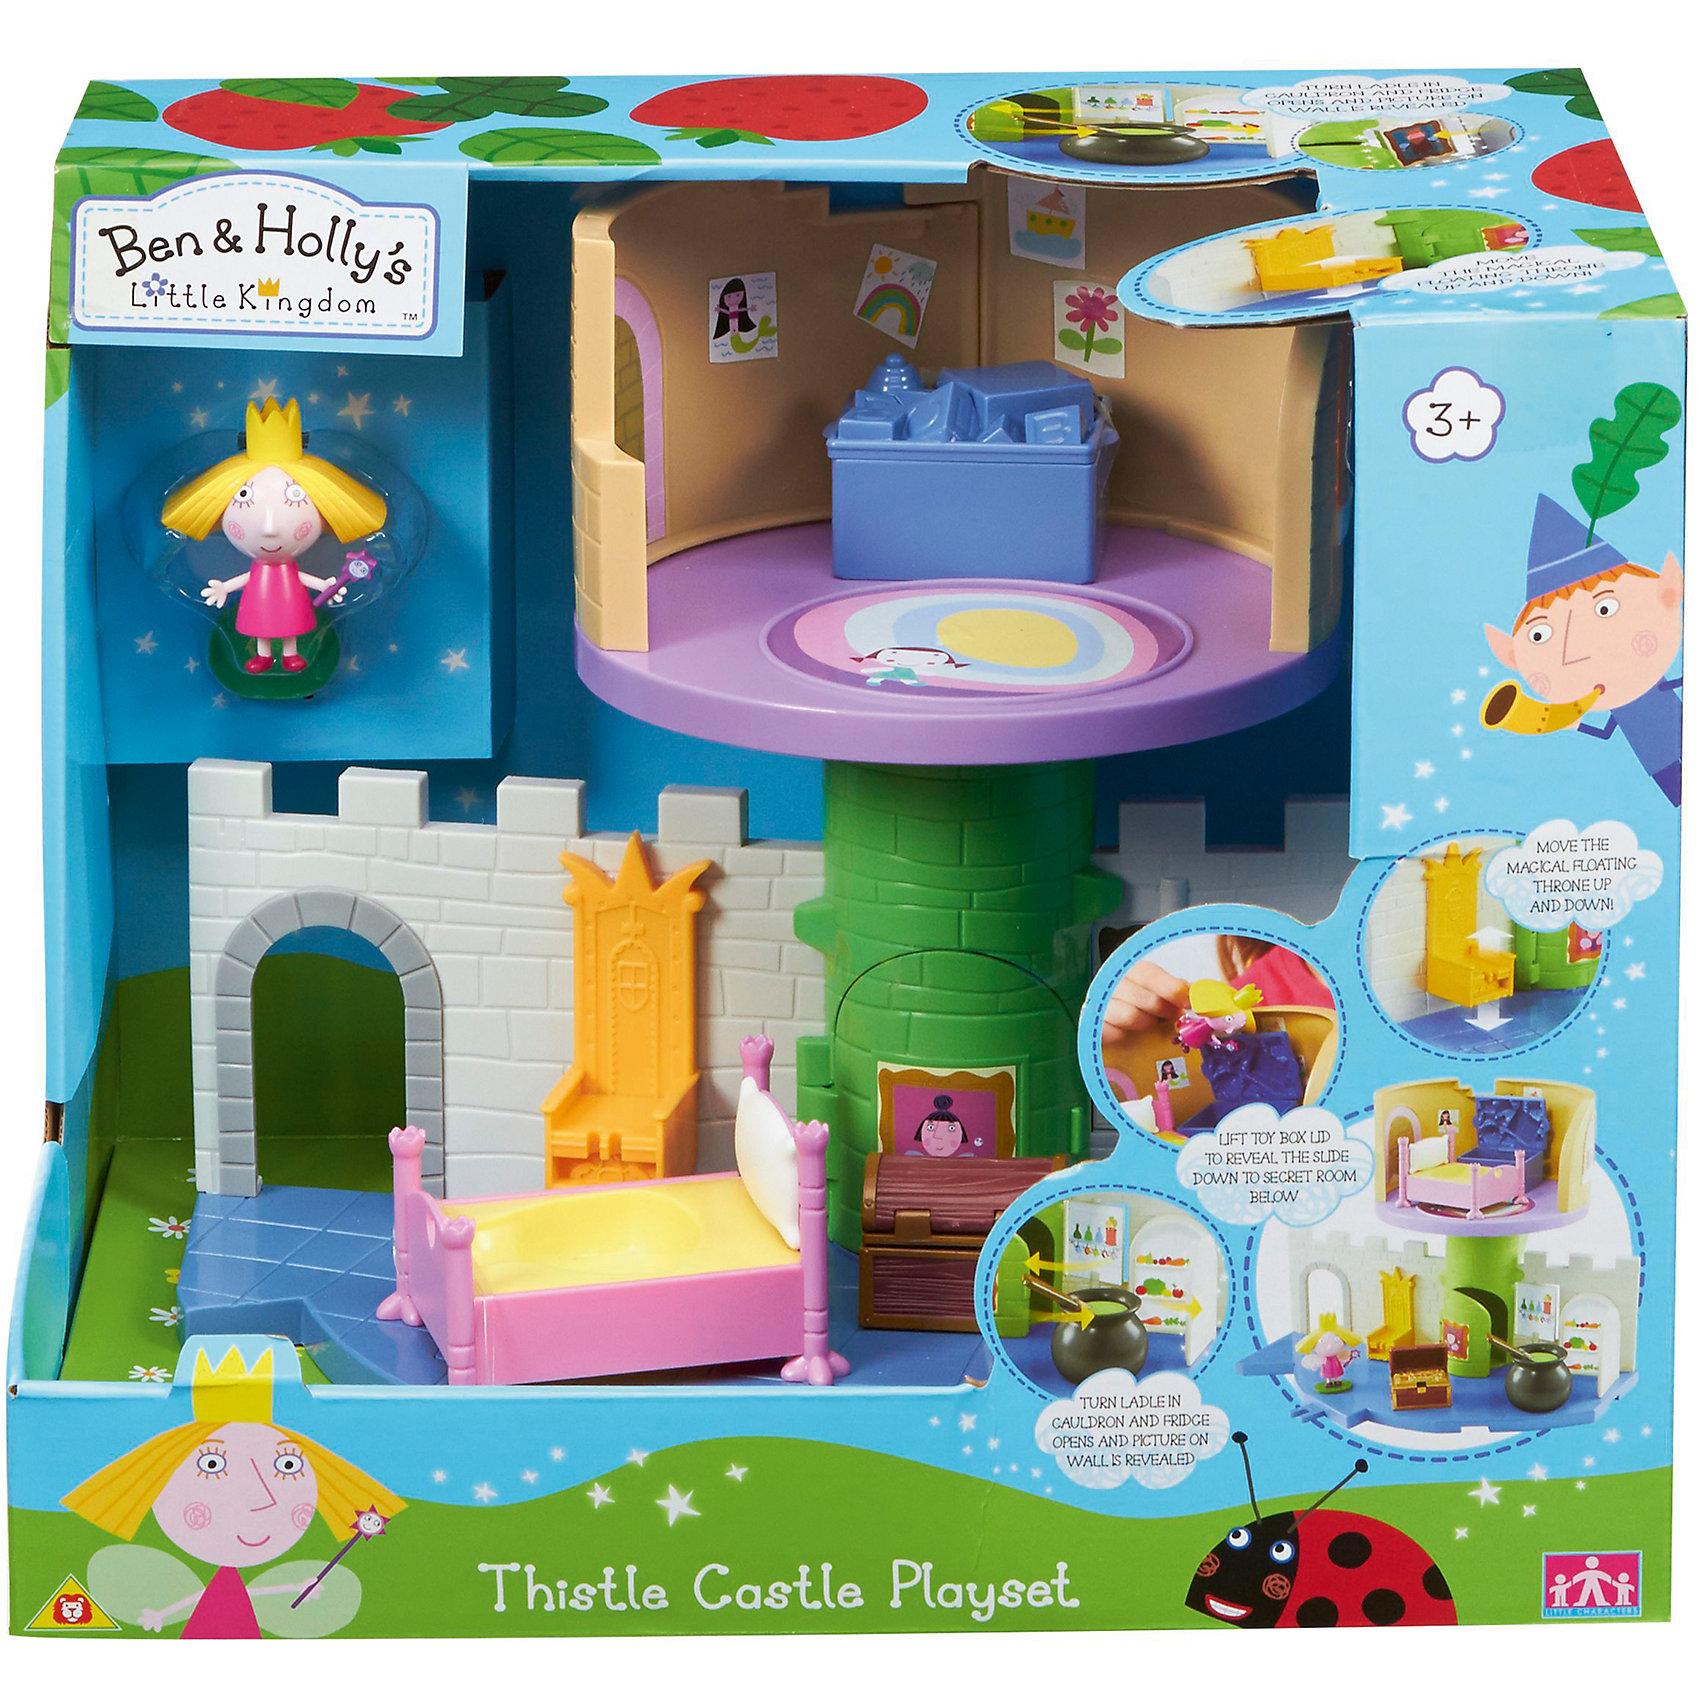 Игровой набор Волшебный замок с фигуркой Холли, Бен и ХоллиИгровой набор Волшебный замок с фигуркой Холли приведет в восторг любителей мультика Маленькое королевство Бена и Холли. В наборе есть и замок, в котором можно поселить принцессу, и различная мебель для неё, и фигурка Холли с подвижными деталями. Благодаря двигающимся рукам и ногам героев, с ними можно придумать множество игр, тем более, чтоб малышам нужно будет активнее задействовать пальчики и творческое мышление!<br>Набор сделан из высококачественного пластика, который безопасен для малышей. Набор яркий, очень симпатично смотрится. Он будет отличным подарком ребенку! Подобные игрушки отлично помогают развитию у детей воображения и моторики.<br><br>Дополнительная информация:<br><br>цвет: разноцветный;<br>материал: пластик;<br>комплектация: замок, мебель, фигурка Холли;<br>размер фигурки: 6 см;<br>размер: 32 х 25 х 23 см.<br><br>Игровой набор Волшебный замок с фигуркой Холли от бренда Бен и Холли можно приобрести в нашем интернет-магазине.<br><br>Ширина мм: 340<br>Глубина мм: 280<br>Высота мм: 235<br>Вес г: 1318<br>Возраст от месяцев: 36<br>Возраст до месяцев: 2147483647<br>Пол: Унисекс<br>Возраст: Детский<br>SKU: 4970296